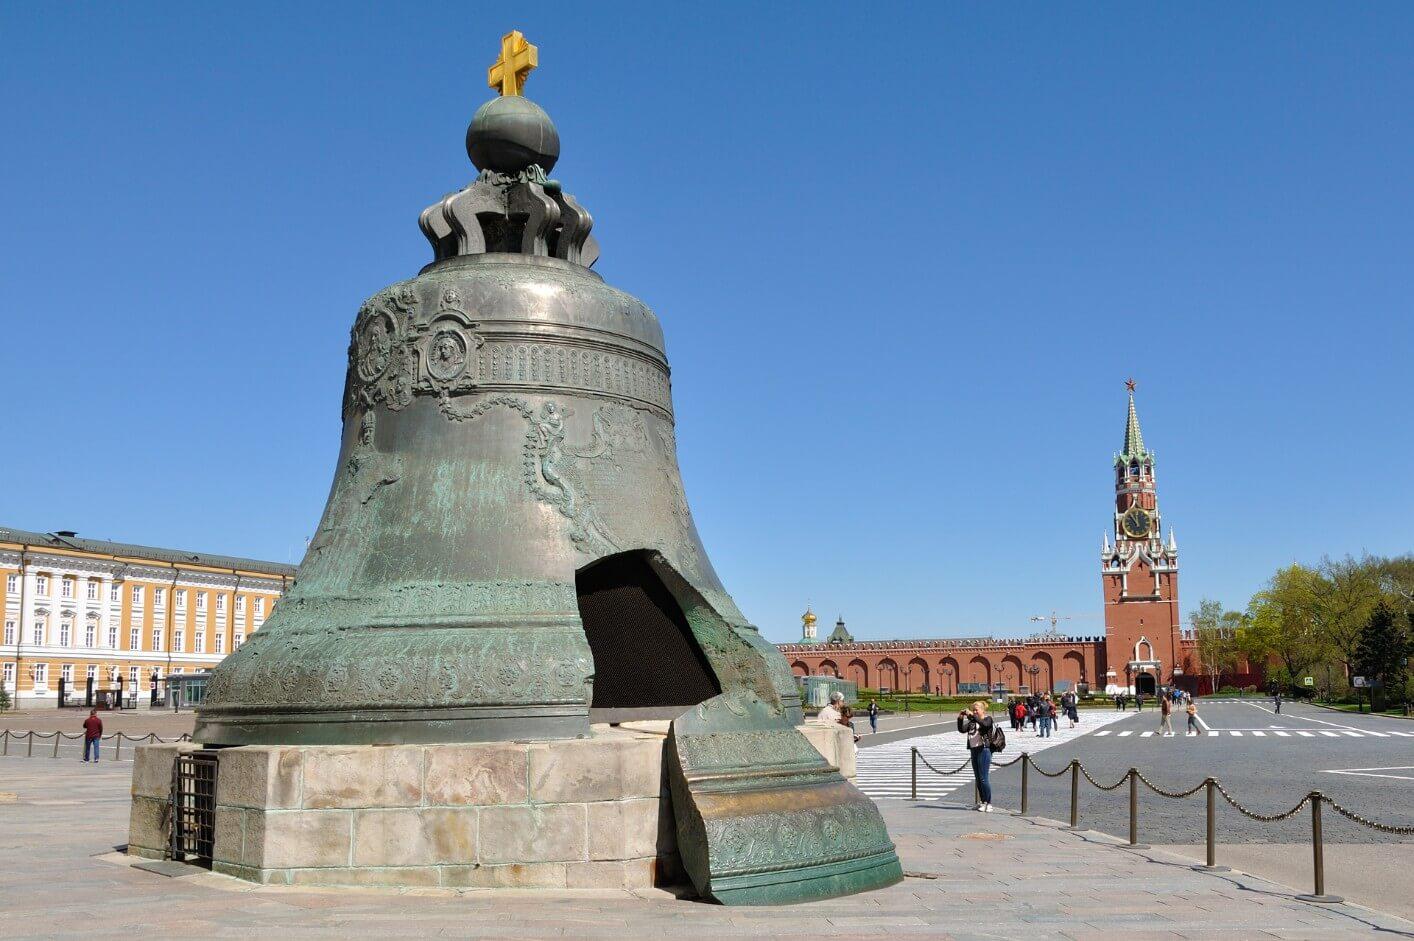 Достопримечательность России  Красная площадь и Кремлевский дворец История фото интересные факты для туриста